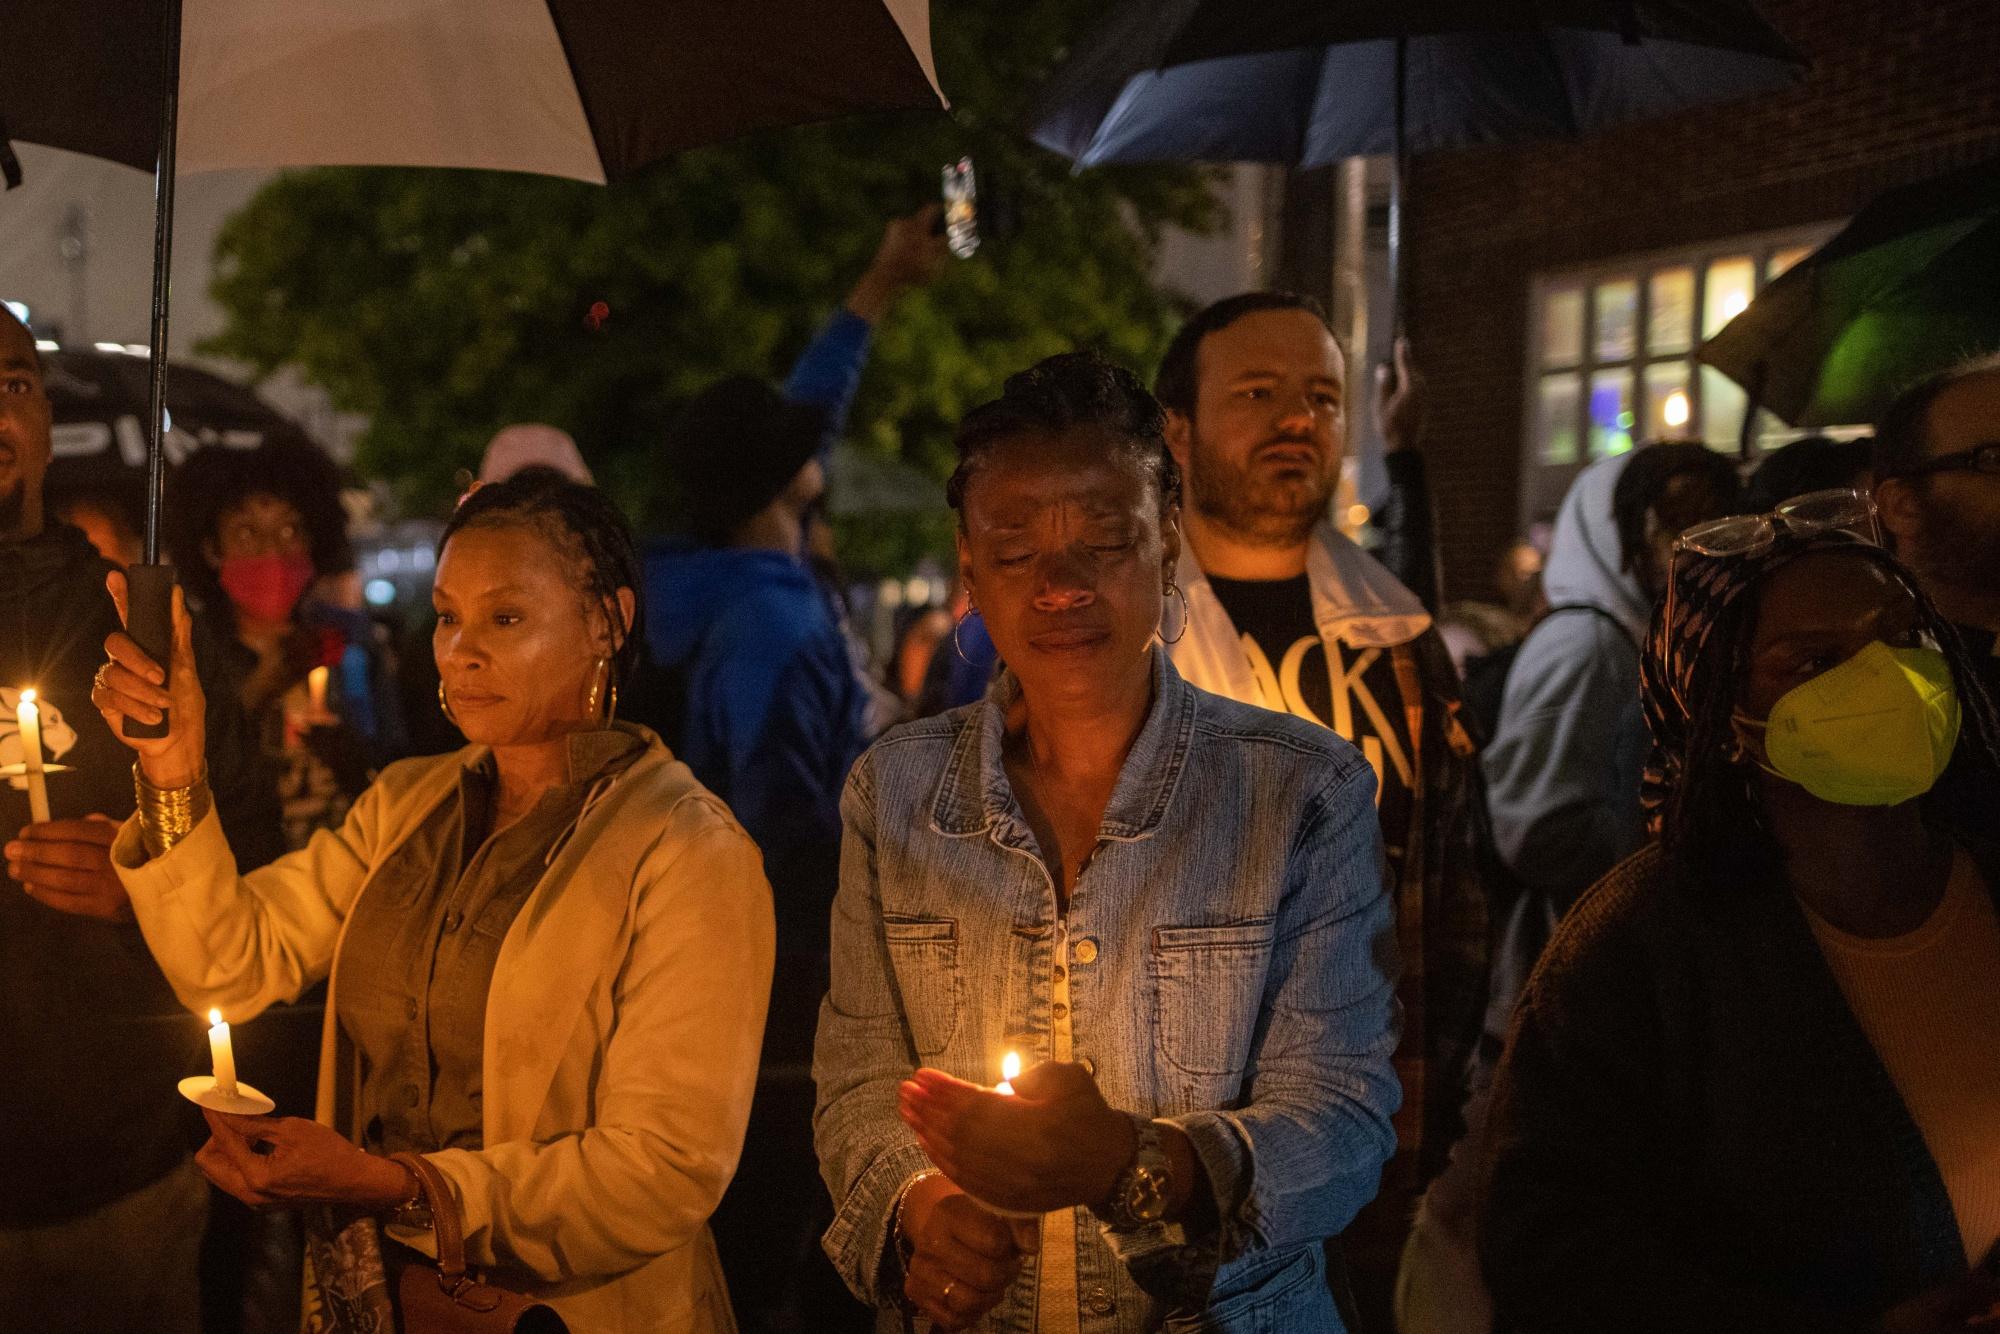 Tulsa Race Massacre Centennial Events